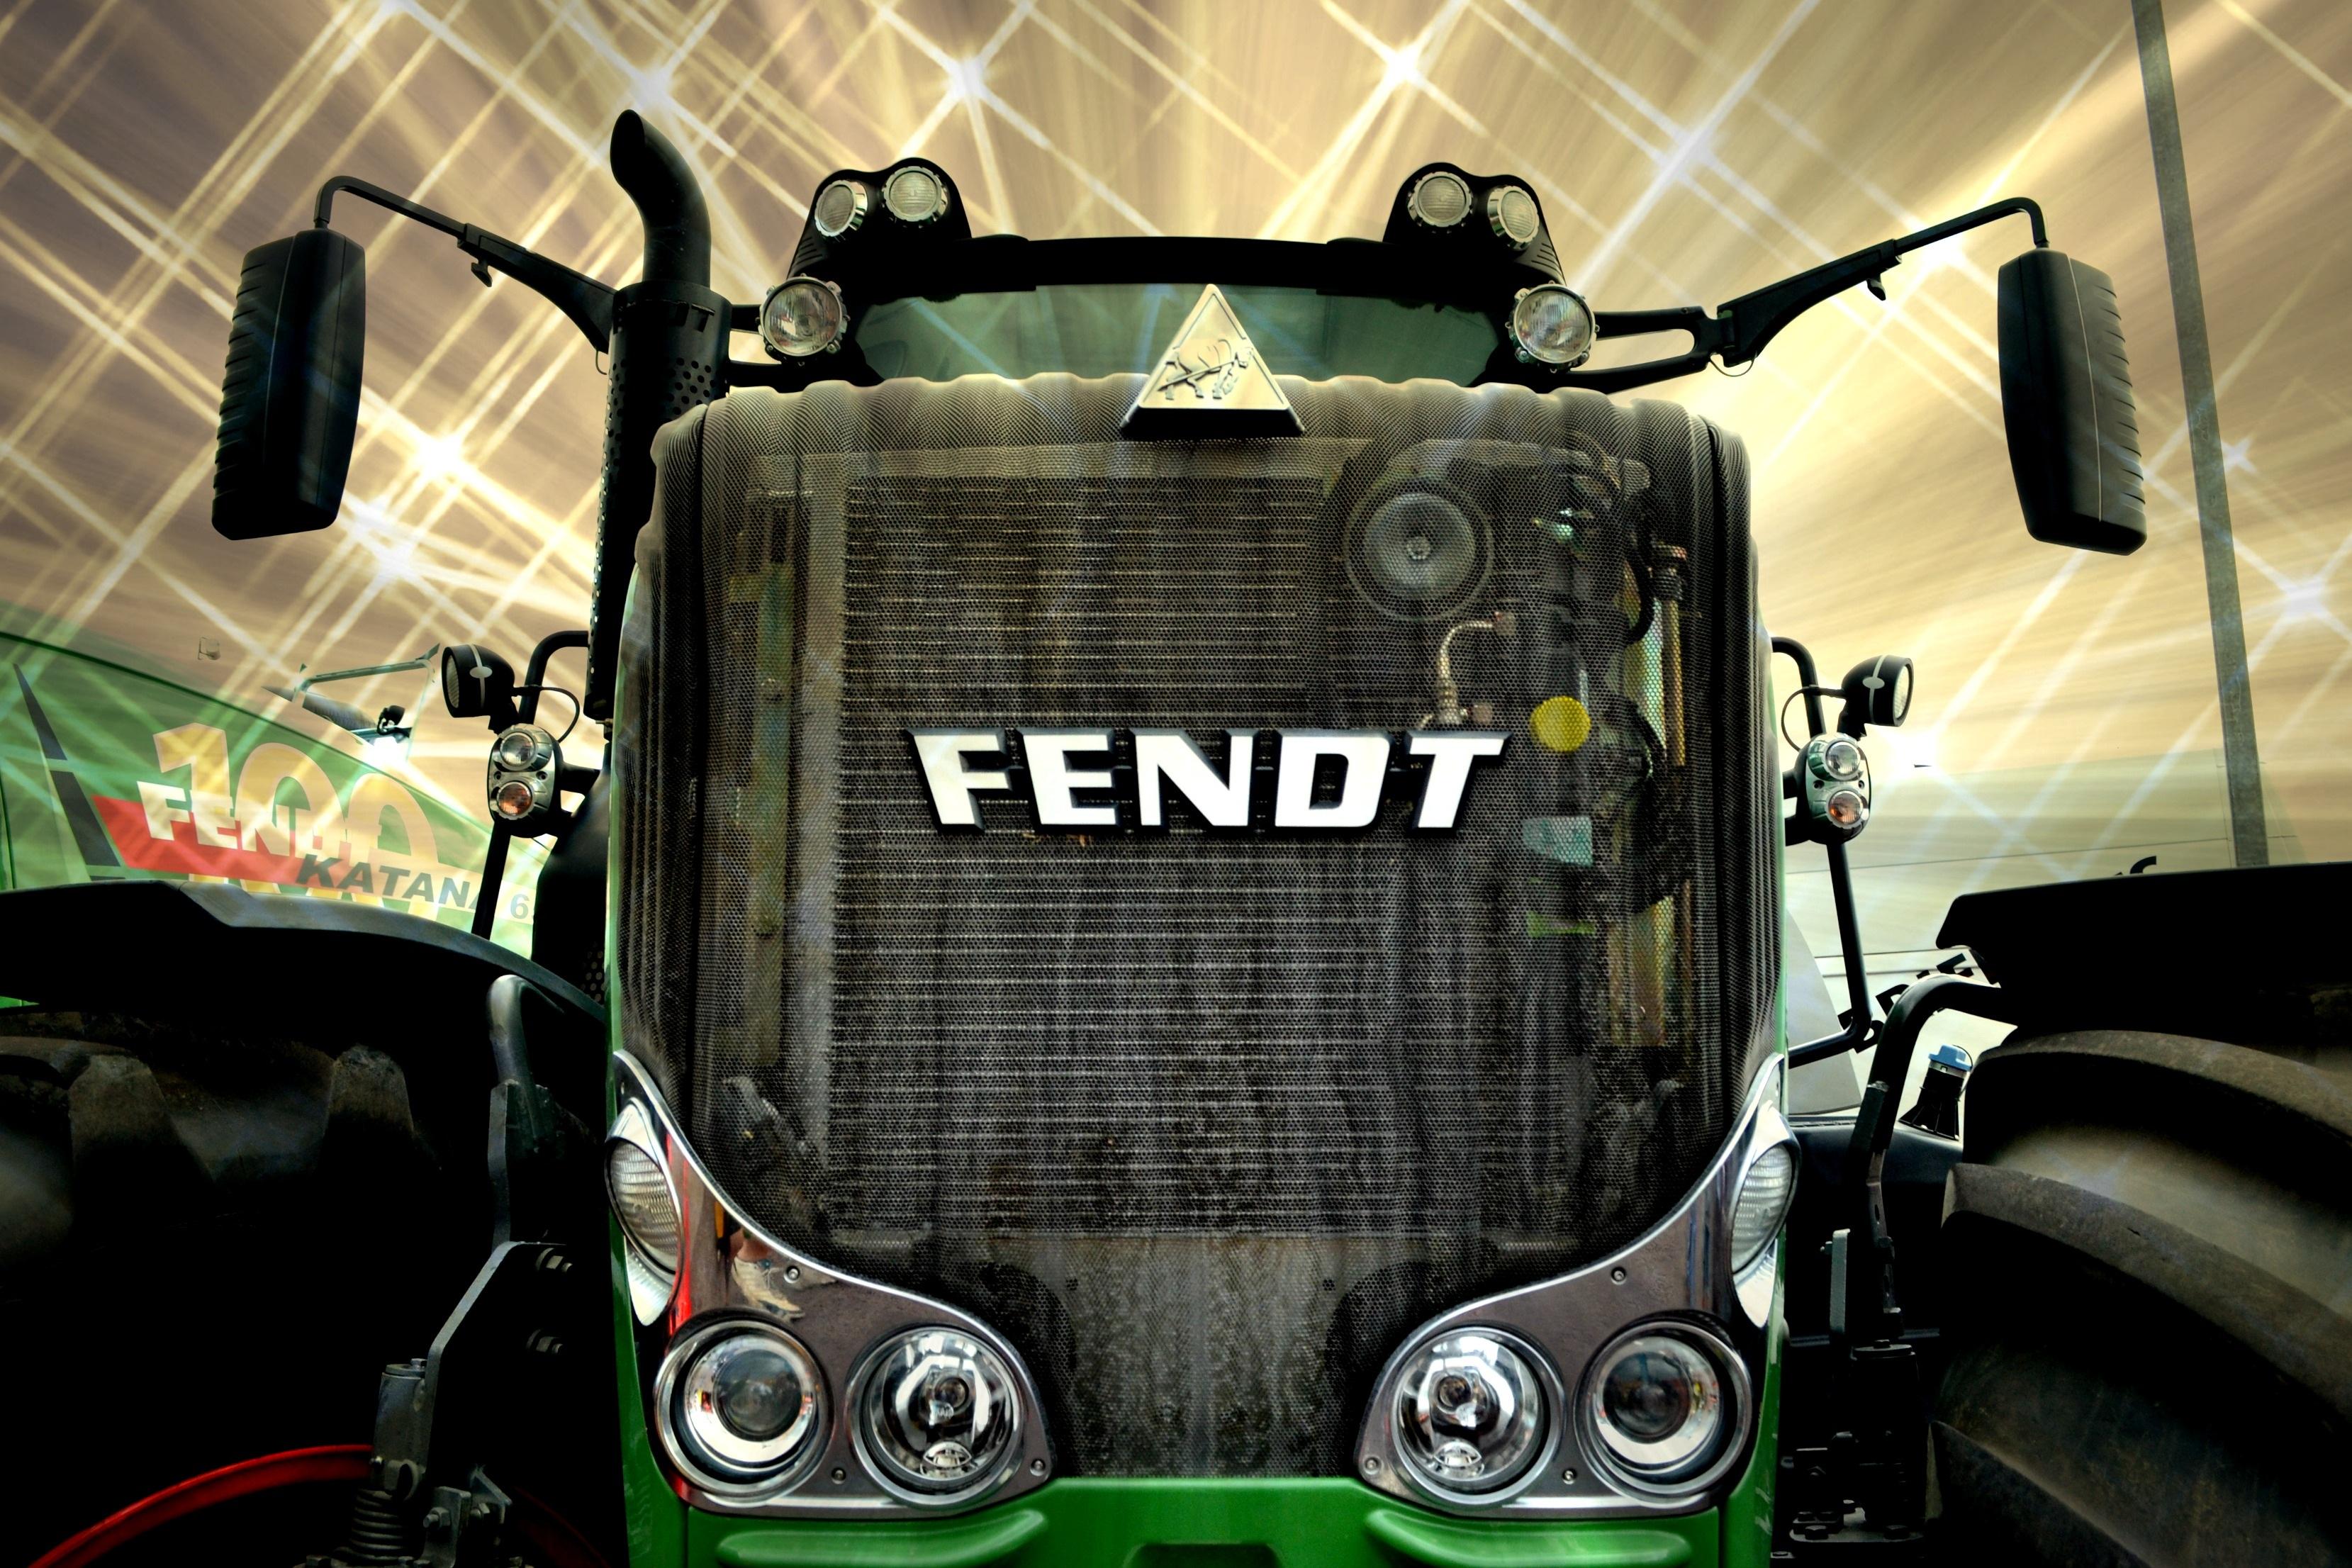 kostenlose foto auto traktor fahrzeug landwirtschaft. Black Bedroom Furniture Sets. Home Design Ideas